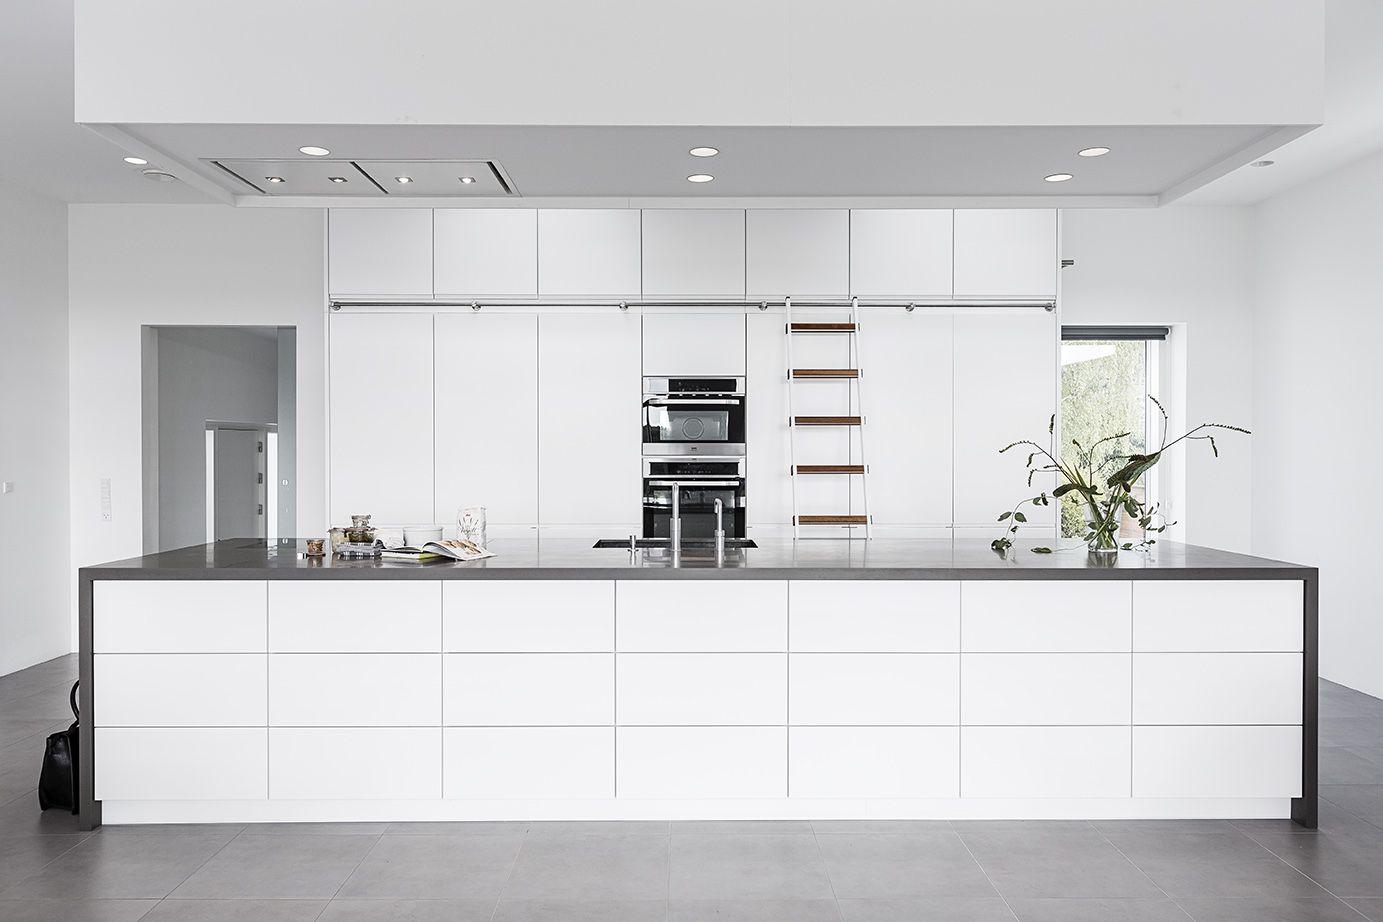 1 rk küchendesign pin by skanlux byggefirma as on køkkenalrum  pinterest